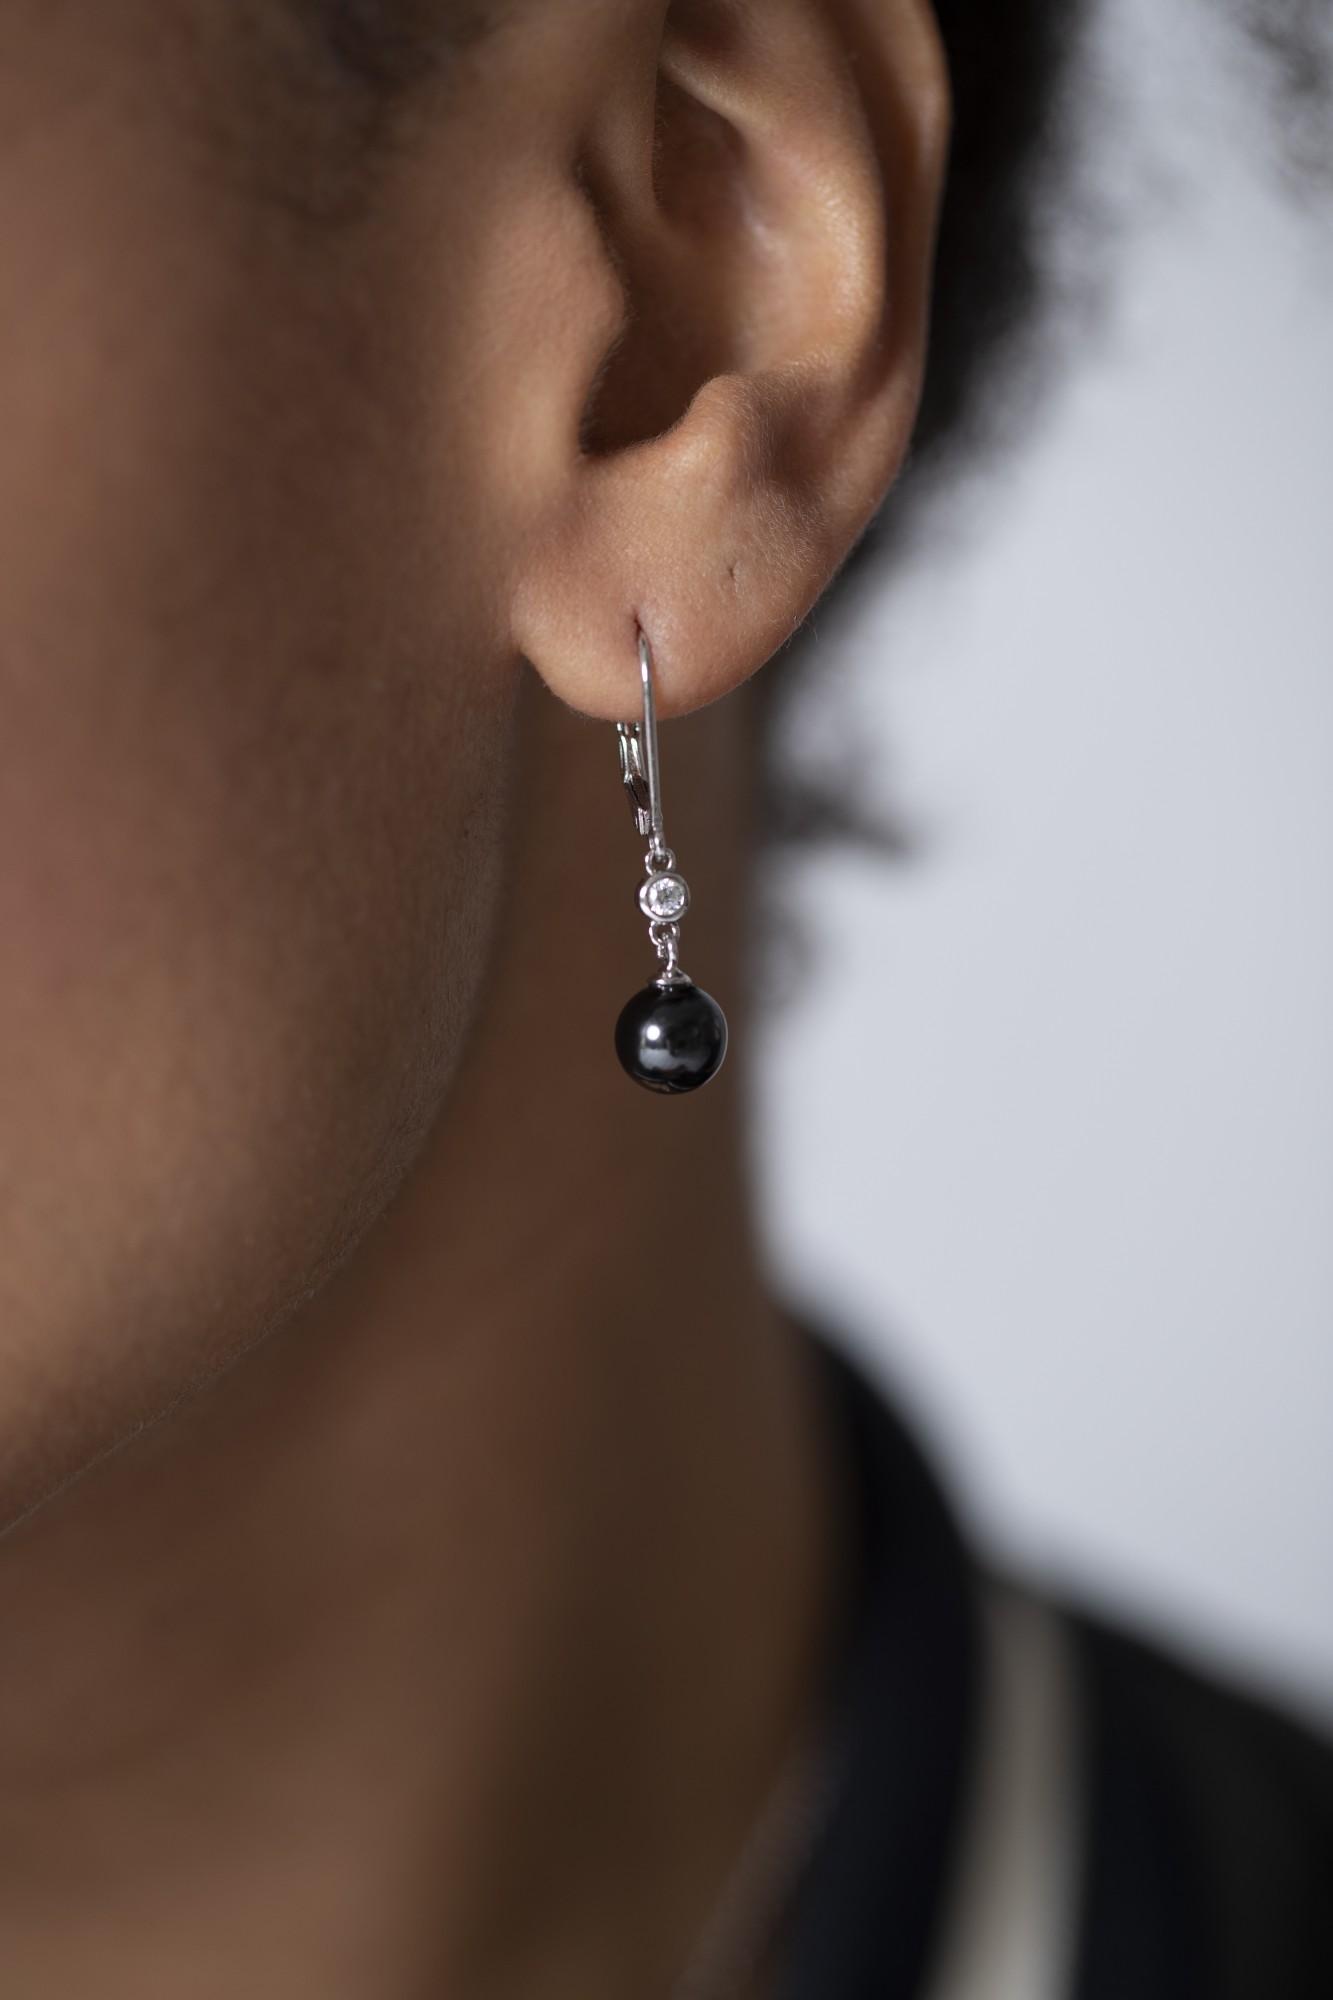 Boucles d'oreilles argent 925 millièmes rhodié Femme CERANITY